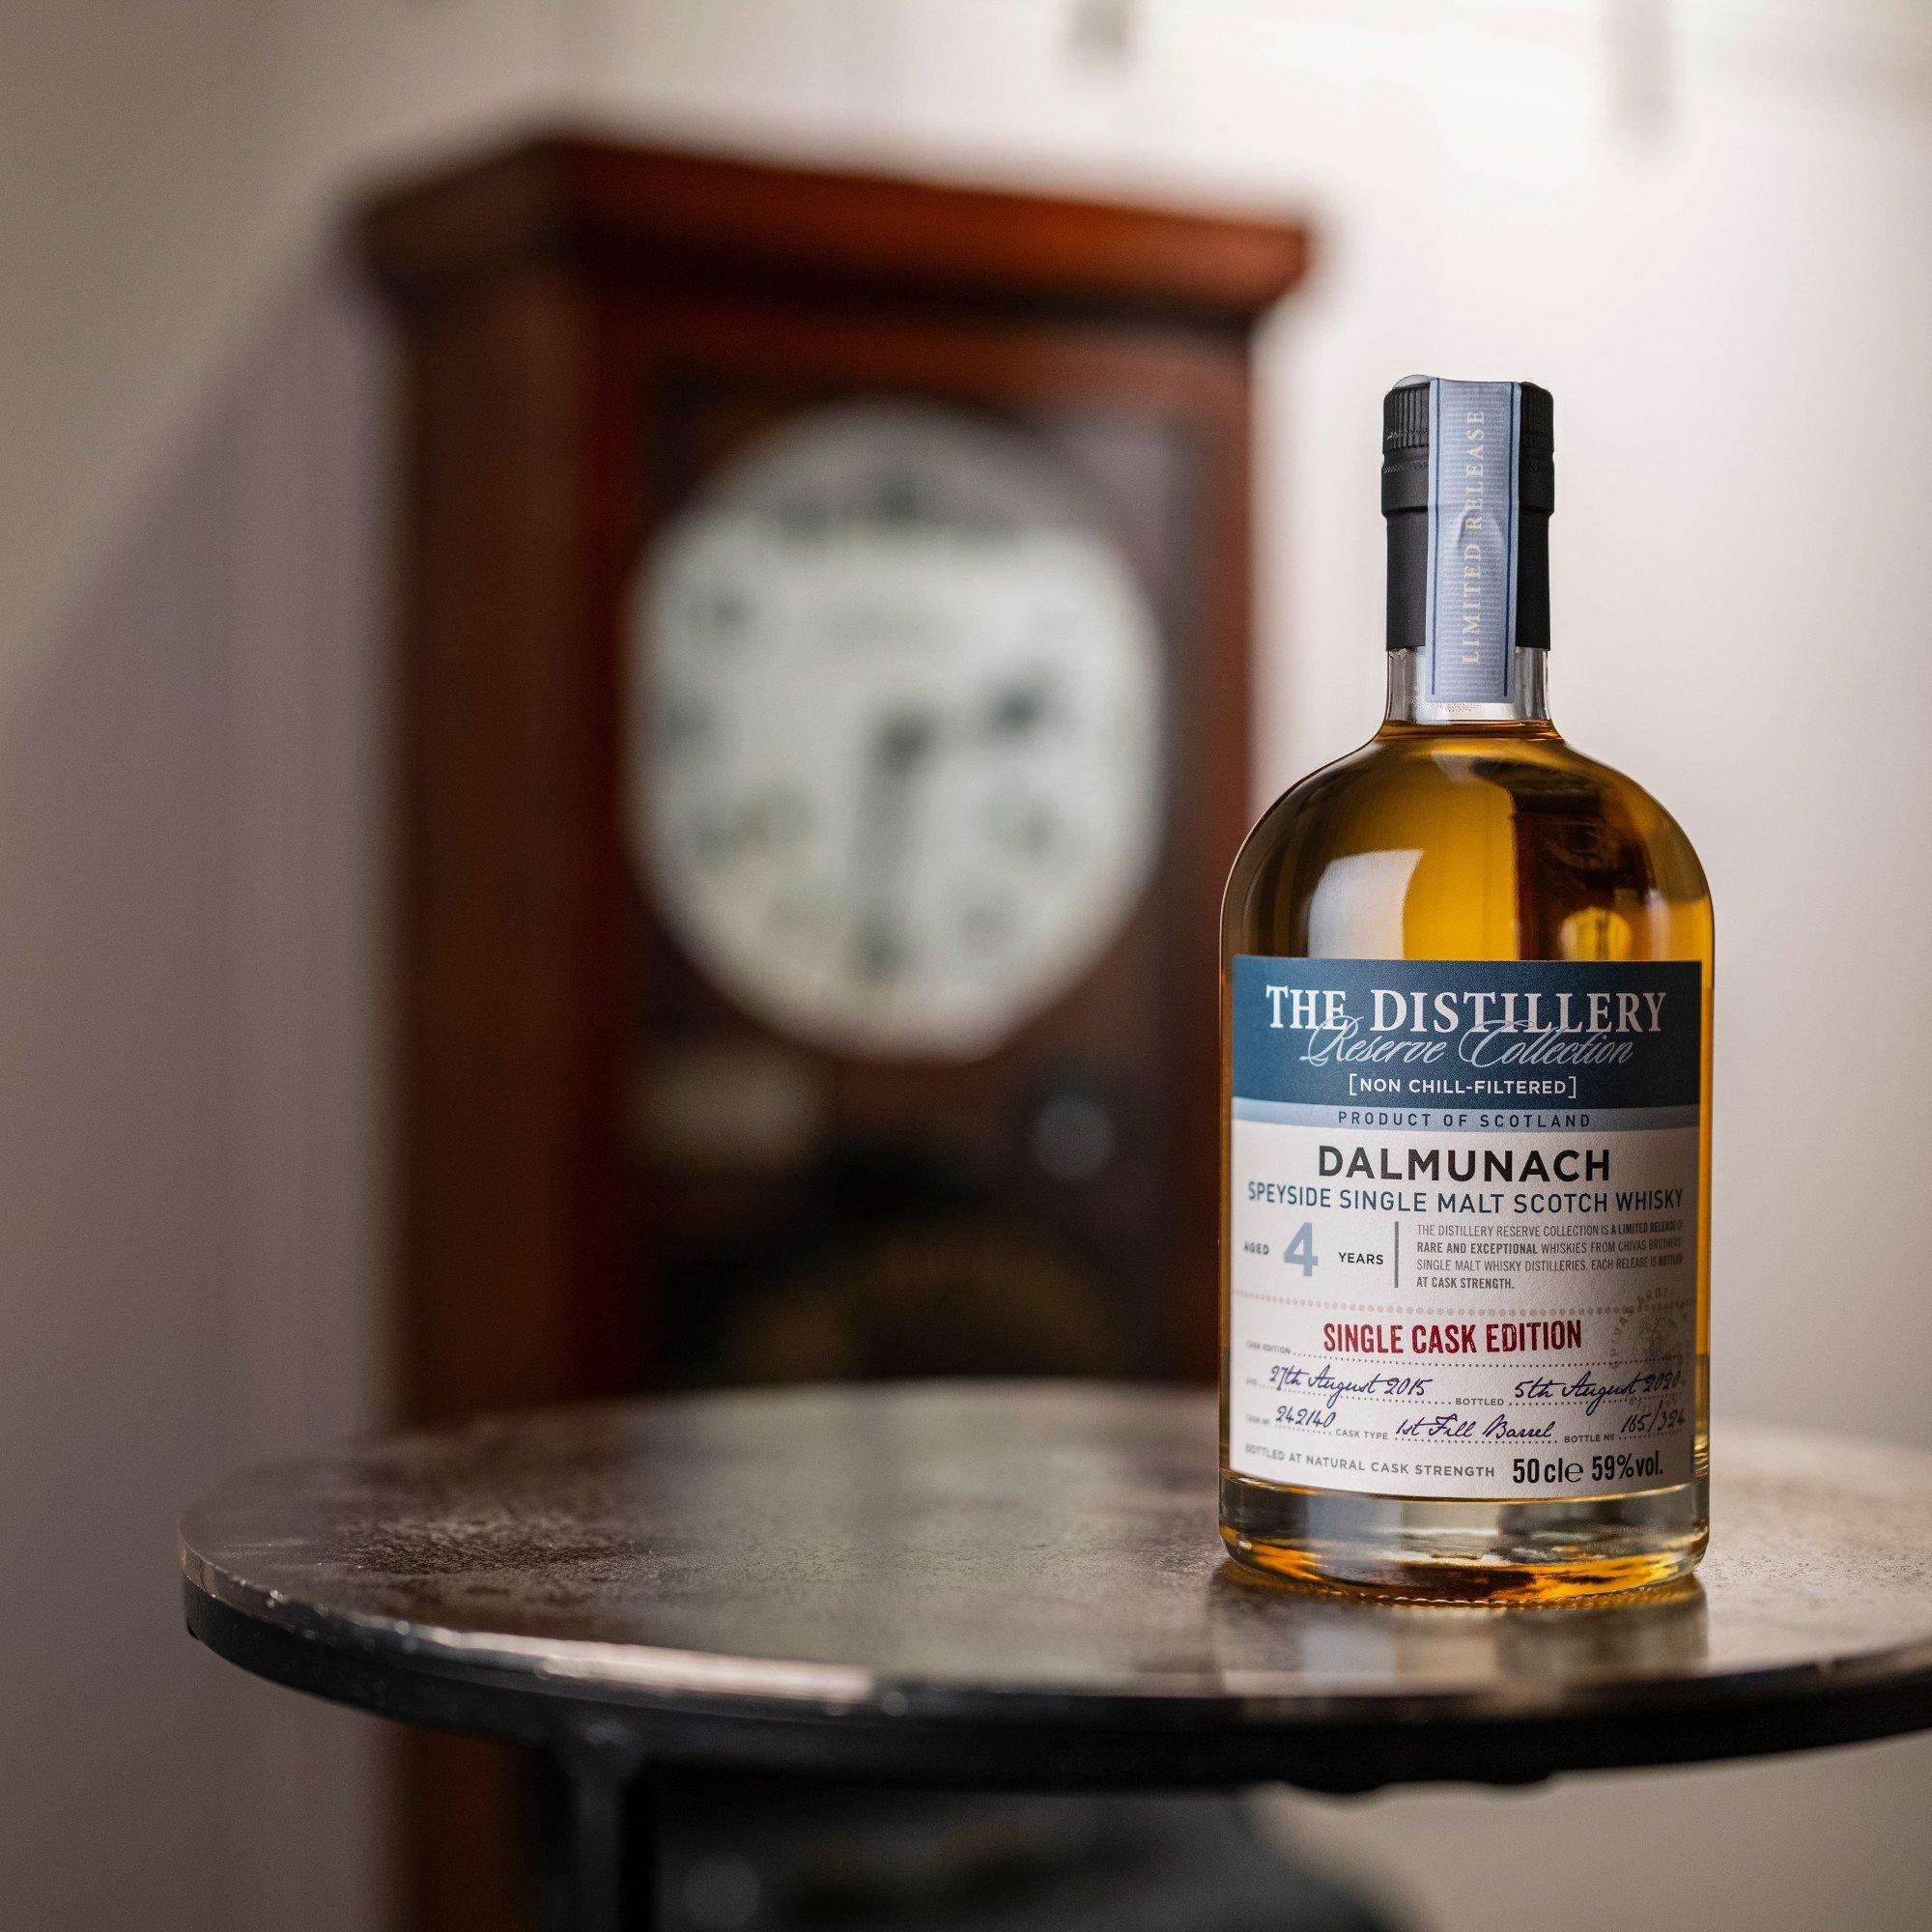 Dalmunach 4 Year Old Single Malt Scotch Whisky